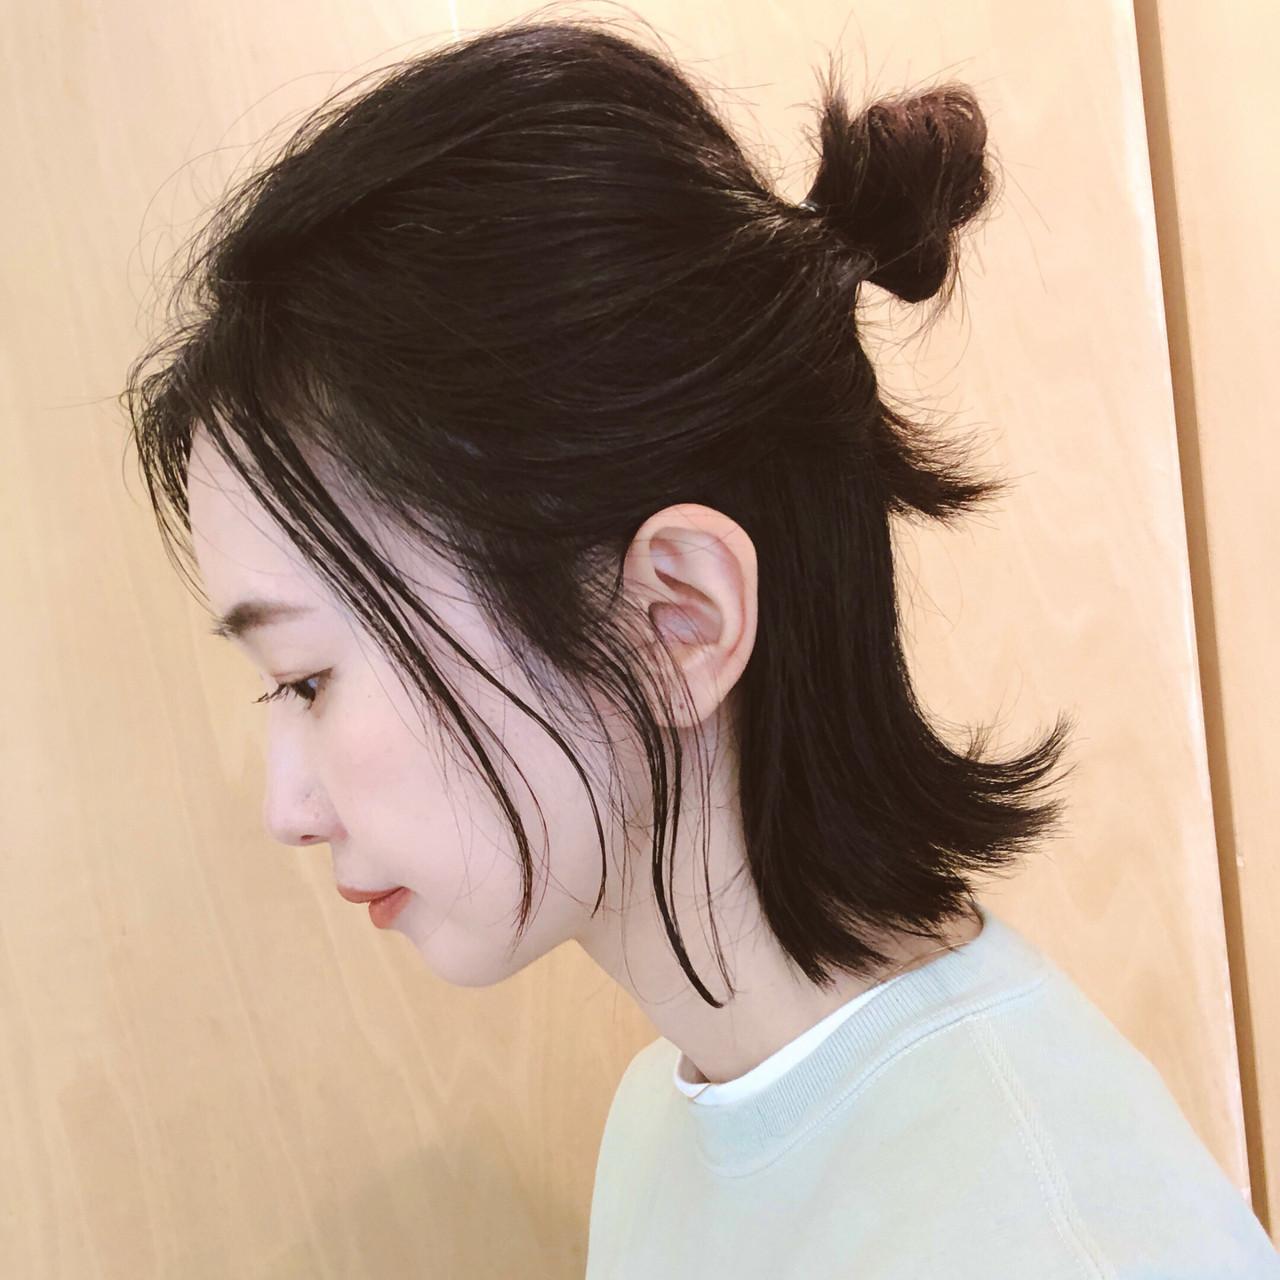 お団子アレンジ ボブ ストリート セルフアレンジ ヘアスタイルや髪型の写真・画像